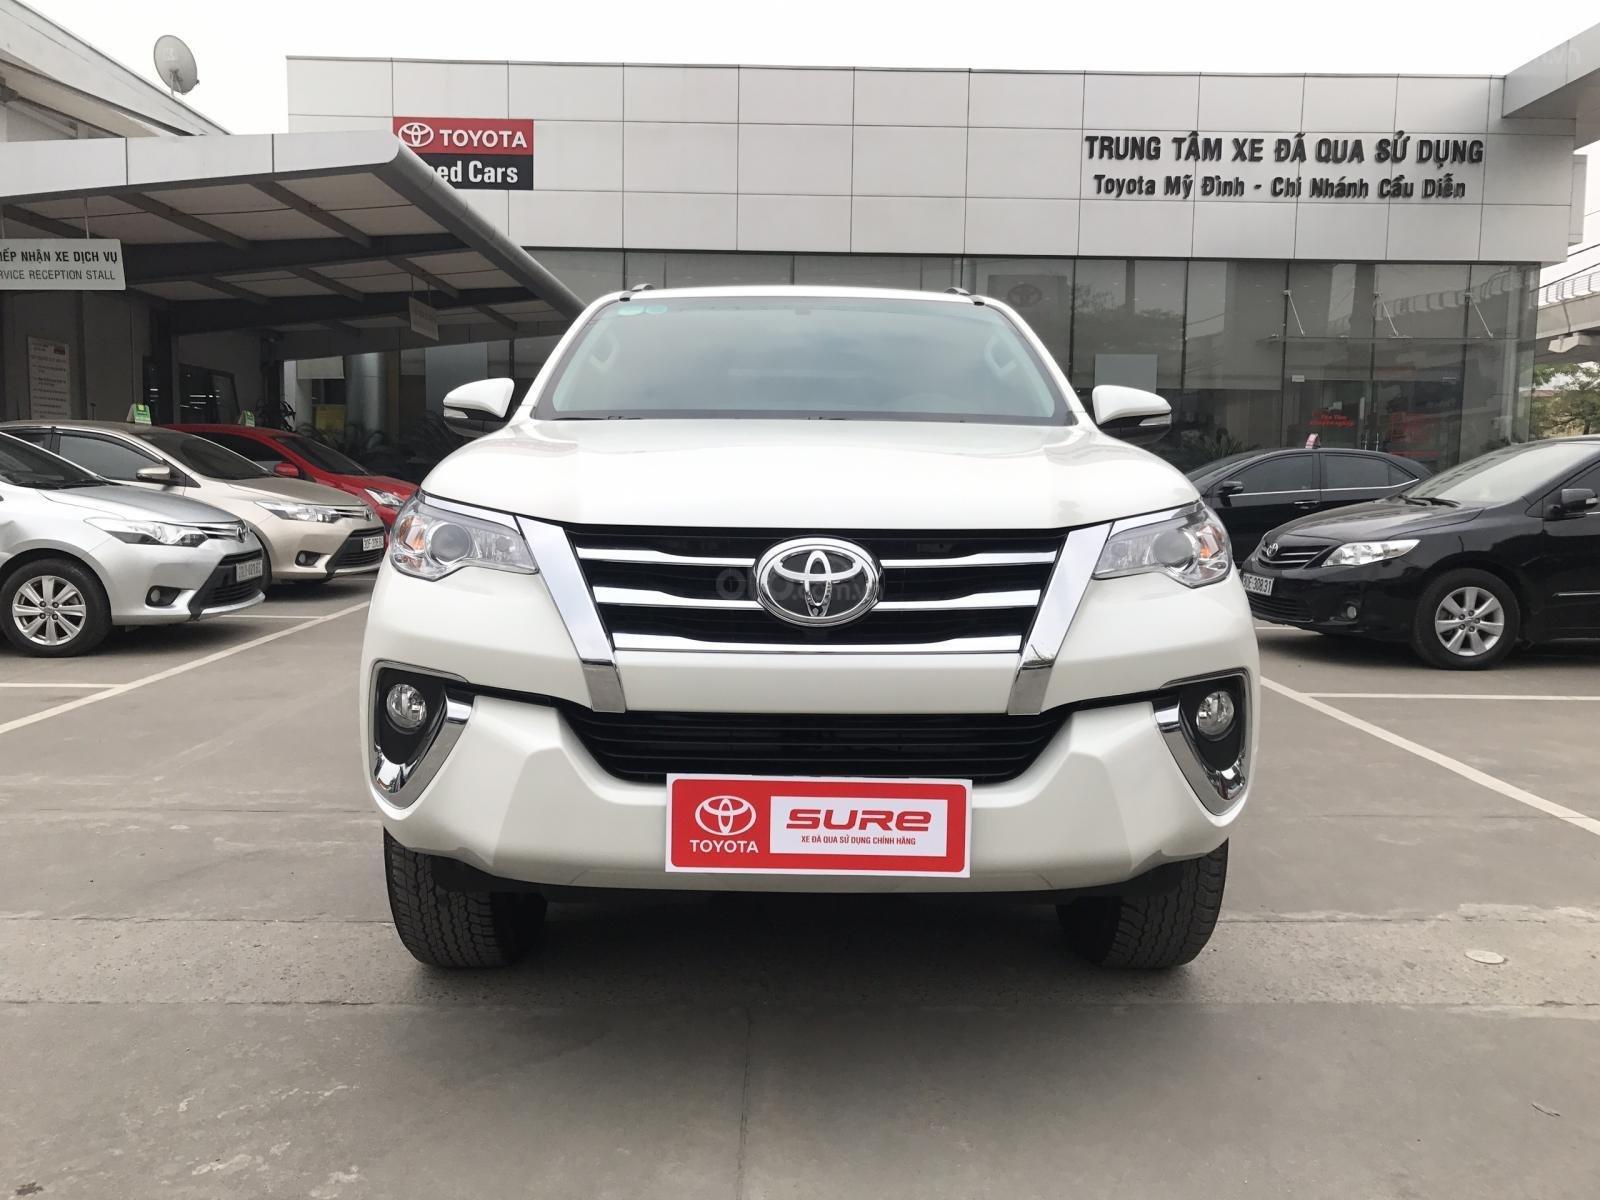 Bán Toyota Fortuner 2.7V (4x2) sản xuất năm 2017, màu trắng, xe nhập-10